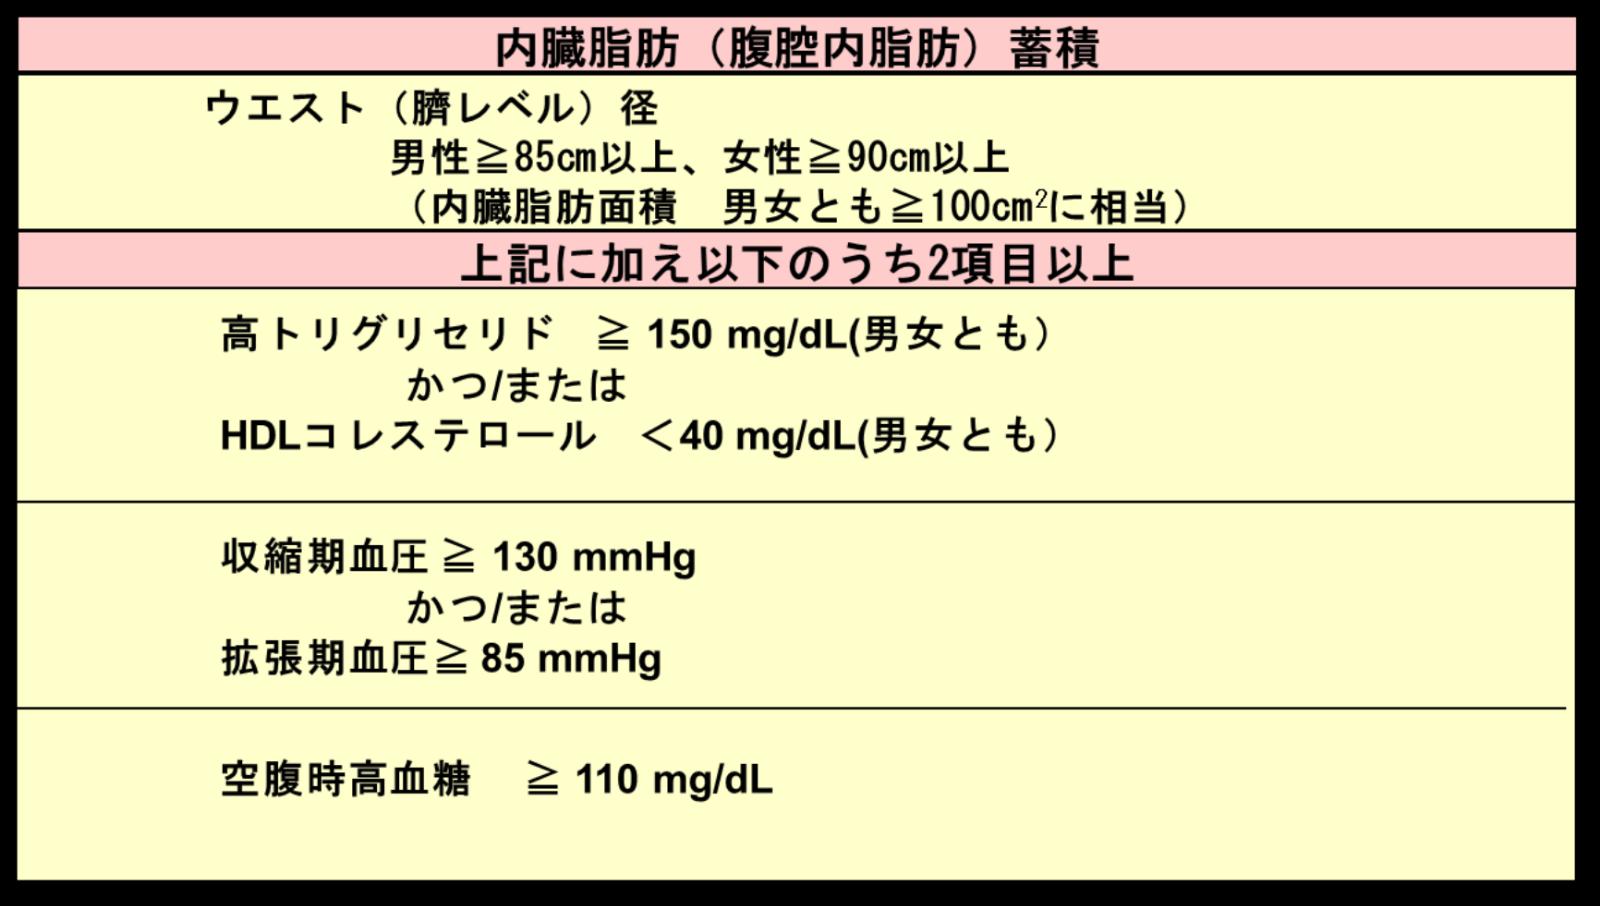 血圧 収縮 期